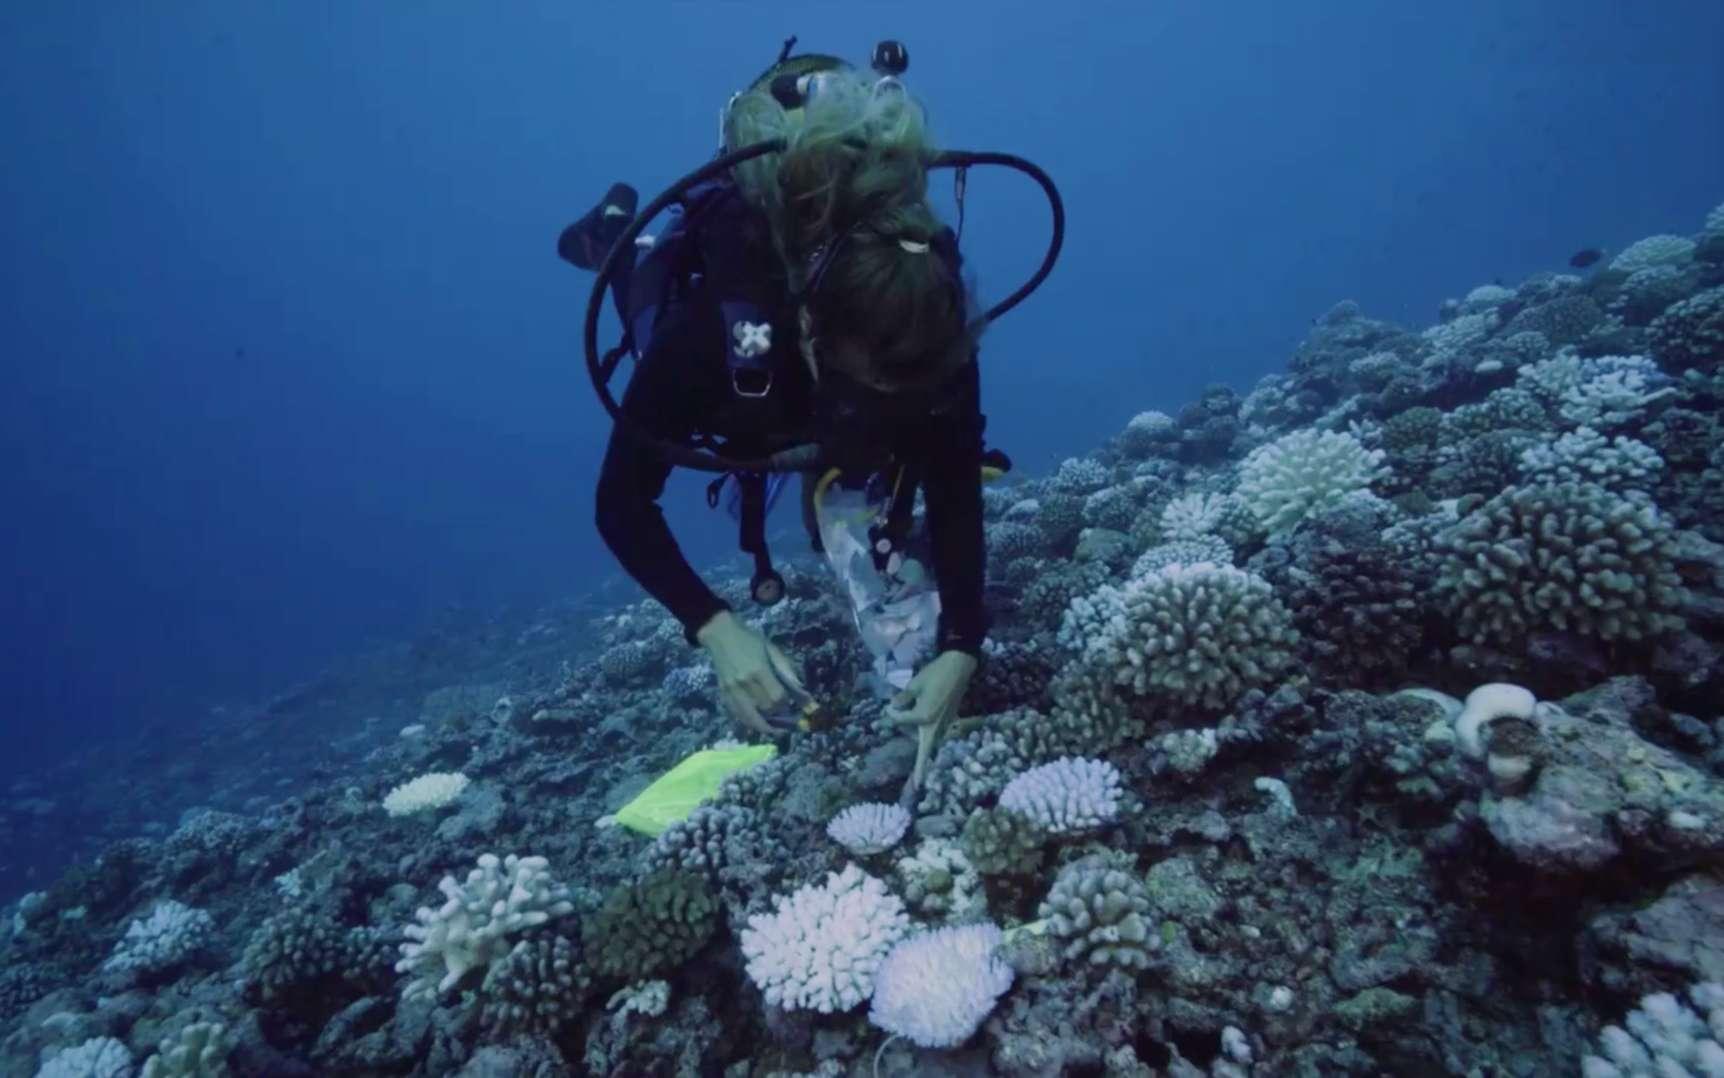 Vidéo : la vie sous-marine prospère malgré le réchauffement des océans